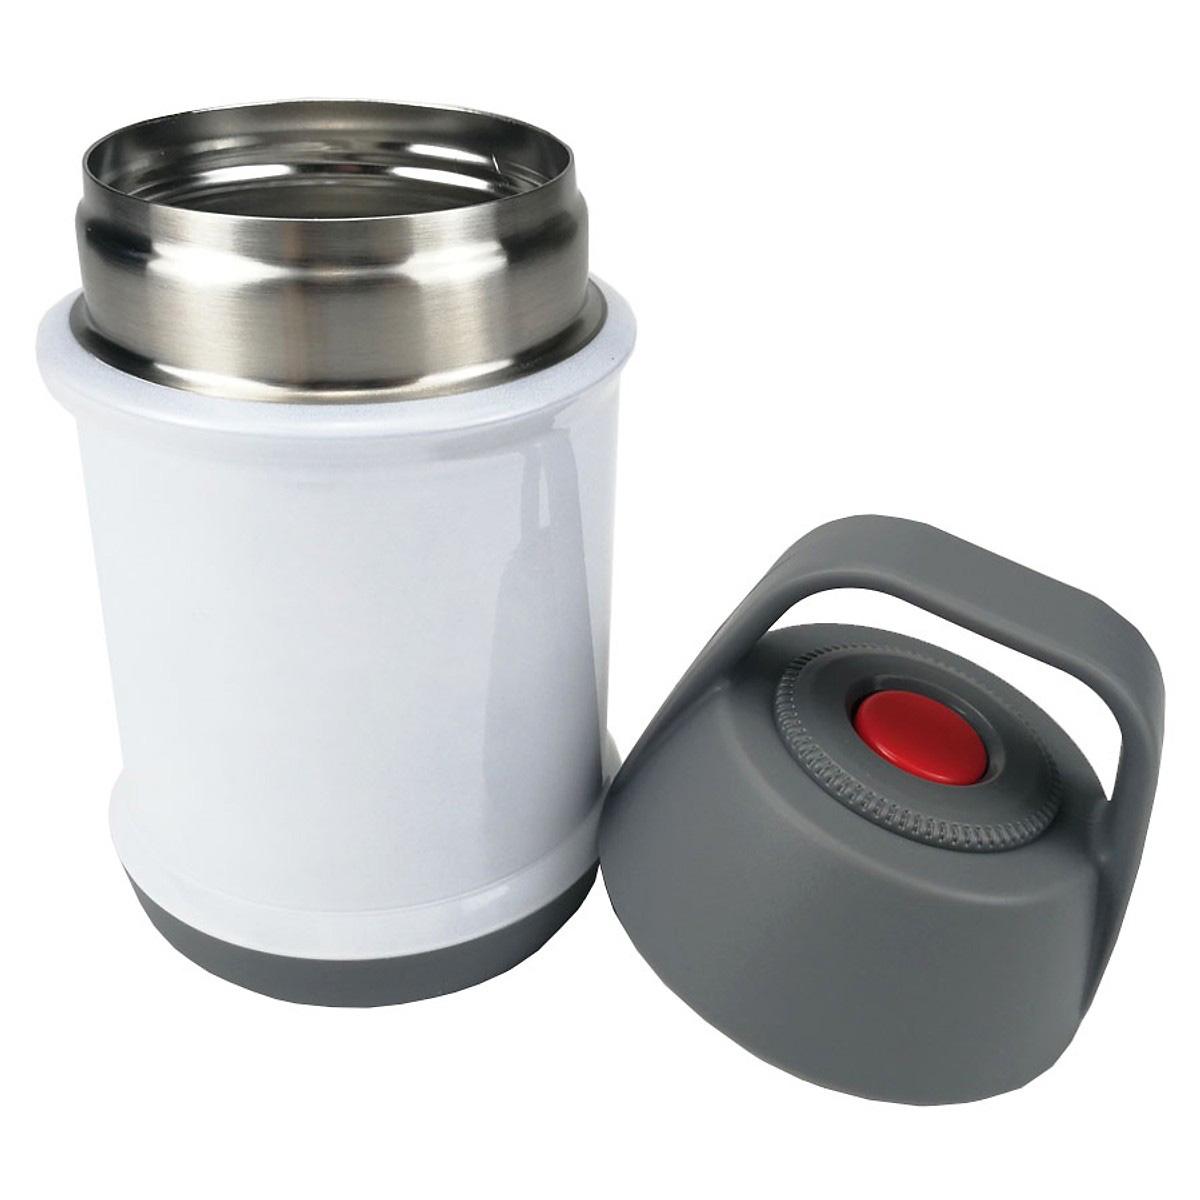 Bình ủ cháo giữ nhiệt cao câp Nhật bản( giao màu ngẫu nhiên)